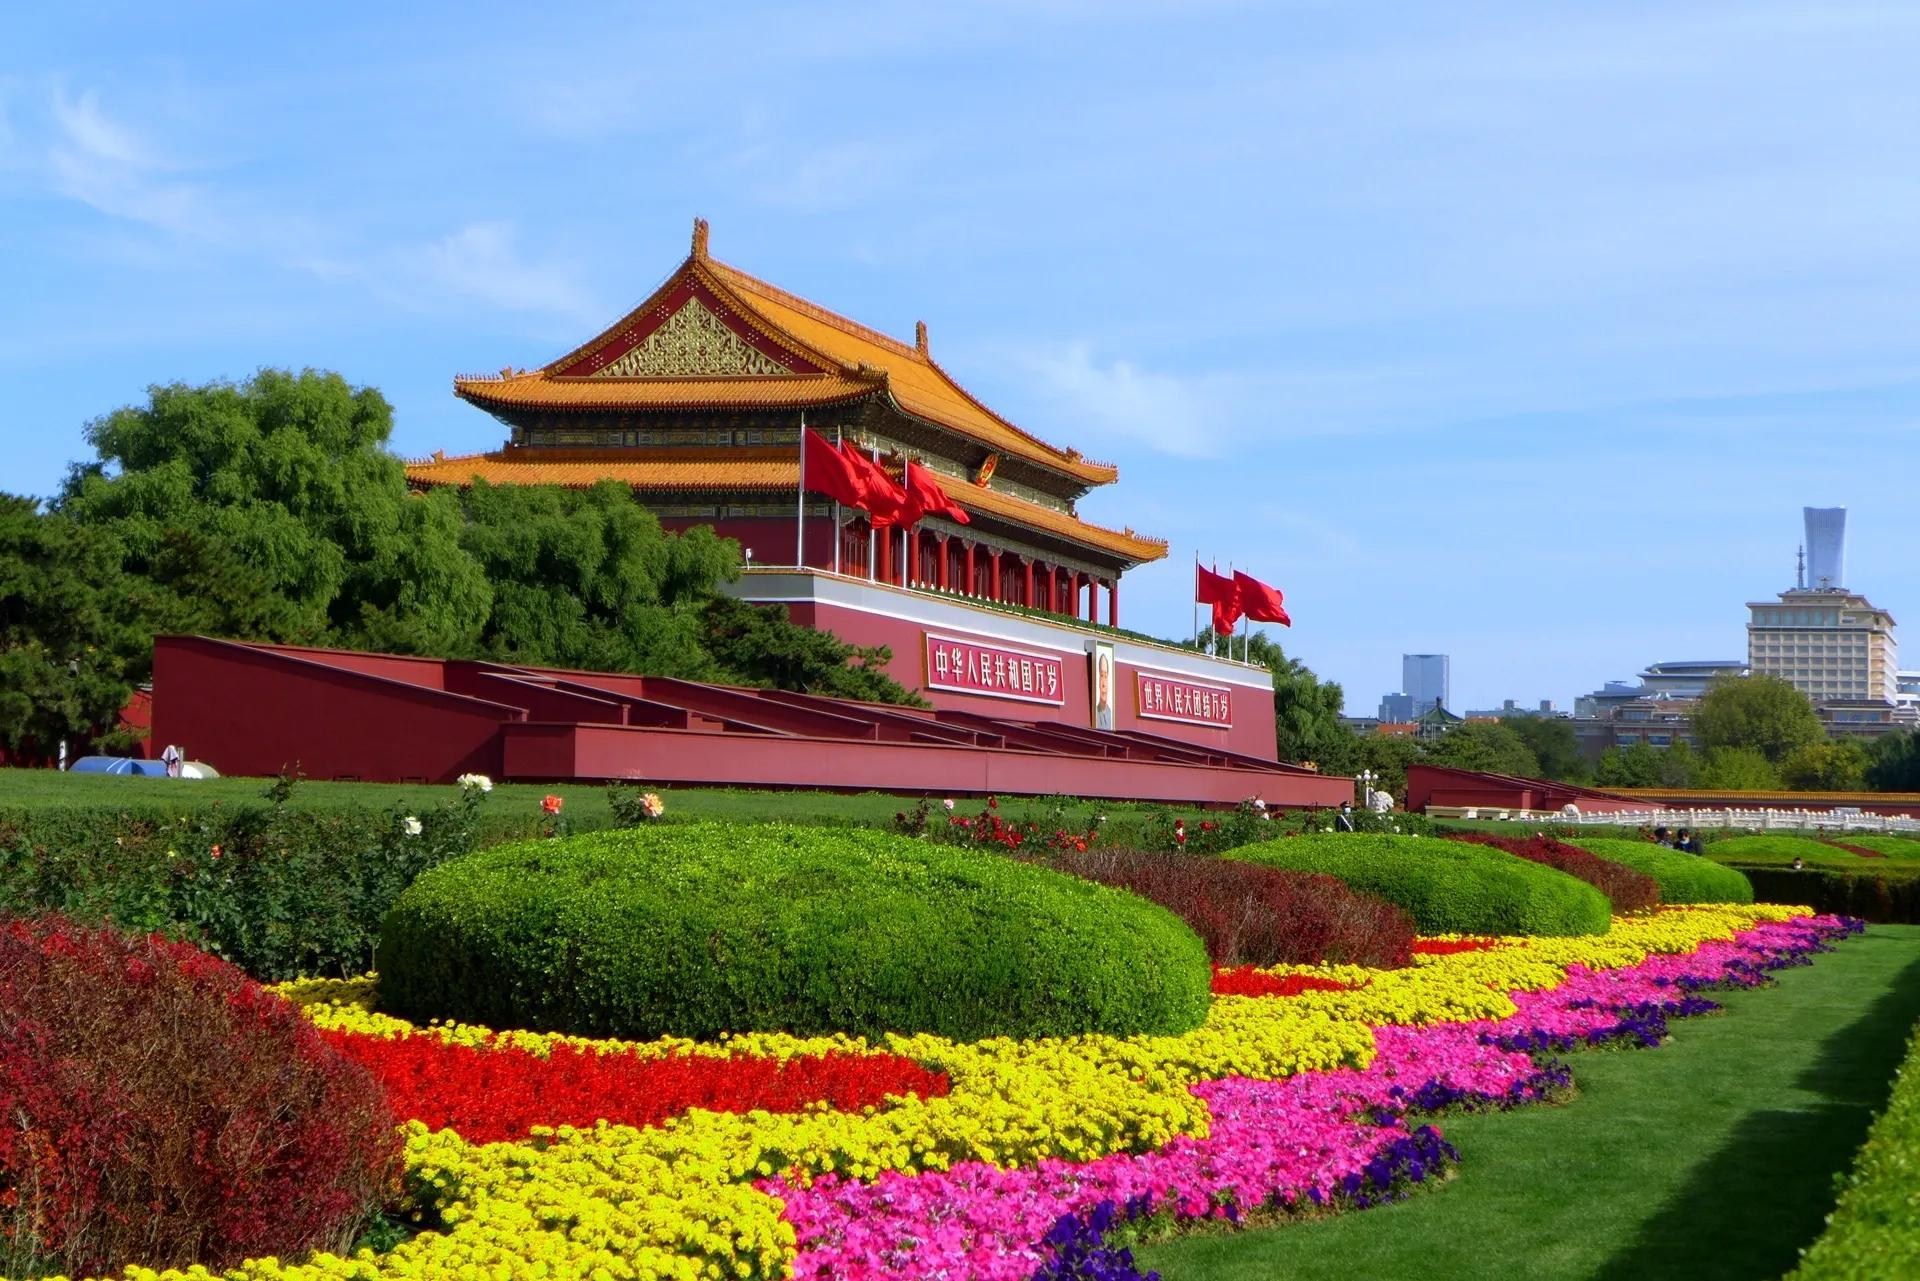 北京的别称有哪些(下列哪个不是北京的别称?)